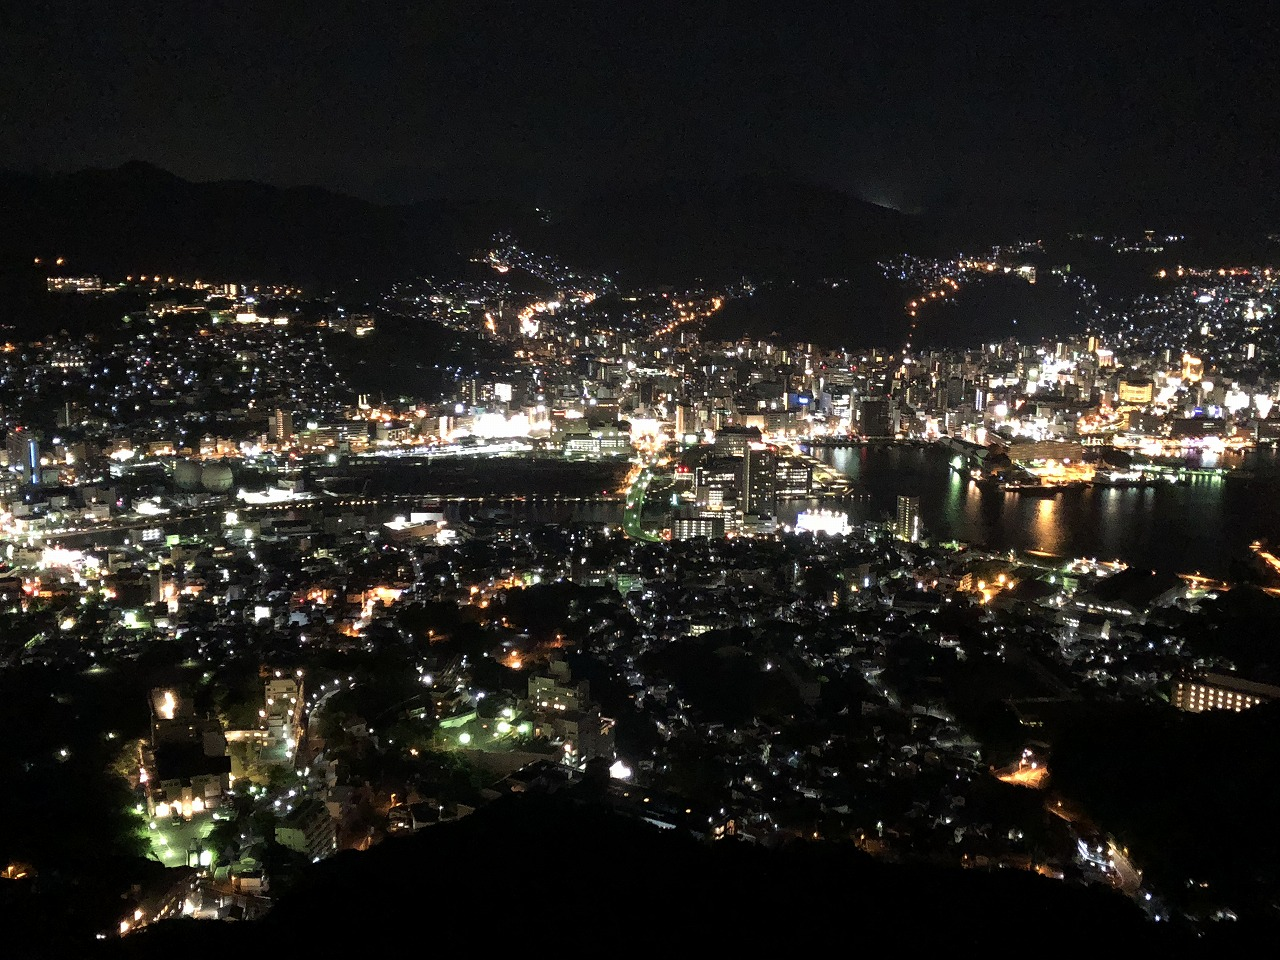 長崎観光まとめ~軍艦島はじめ世界遺産を巡る旅~